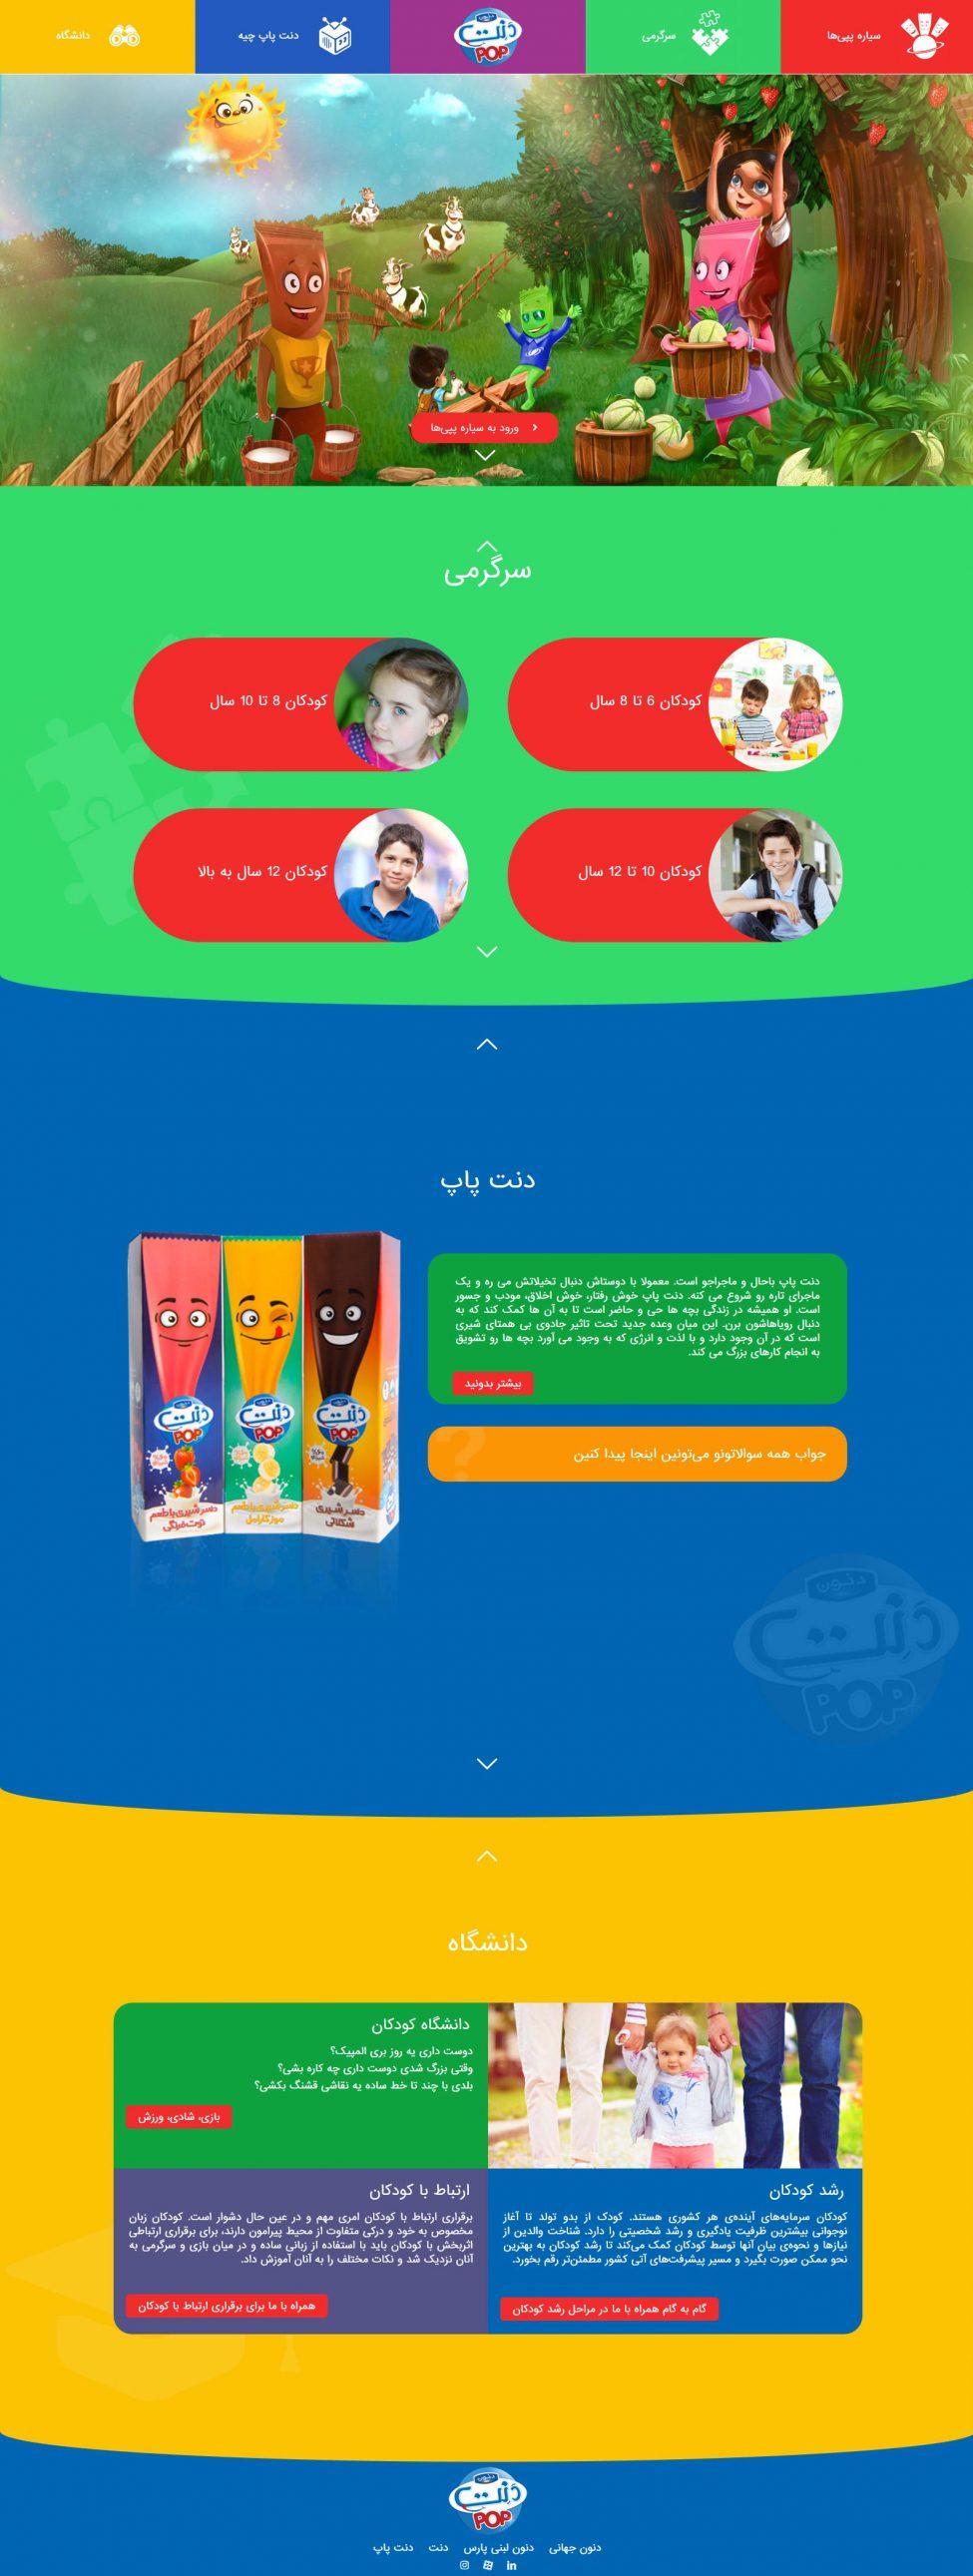 صفحهی اصلی وبسایت دنت پاپ